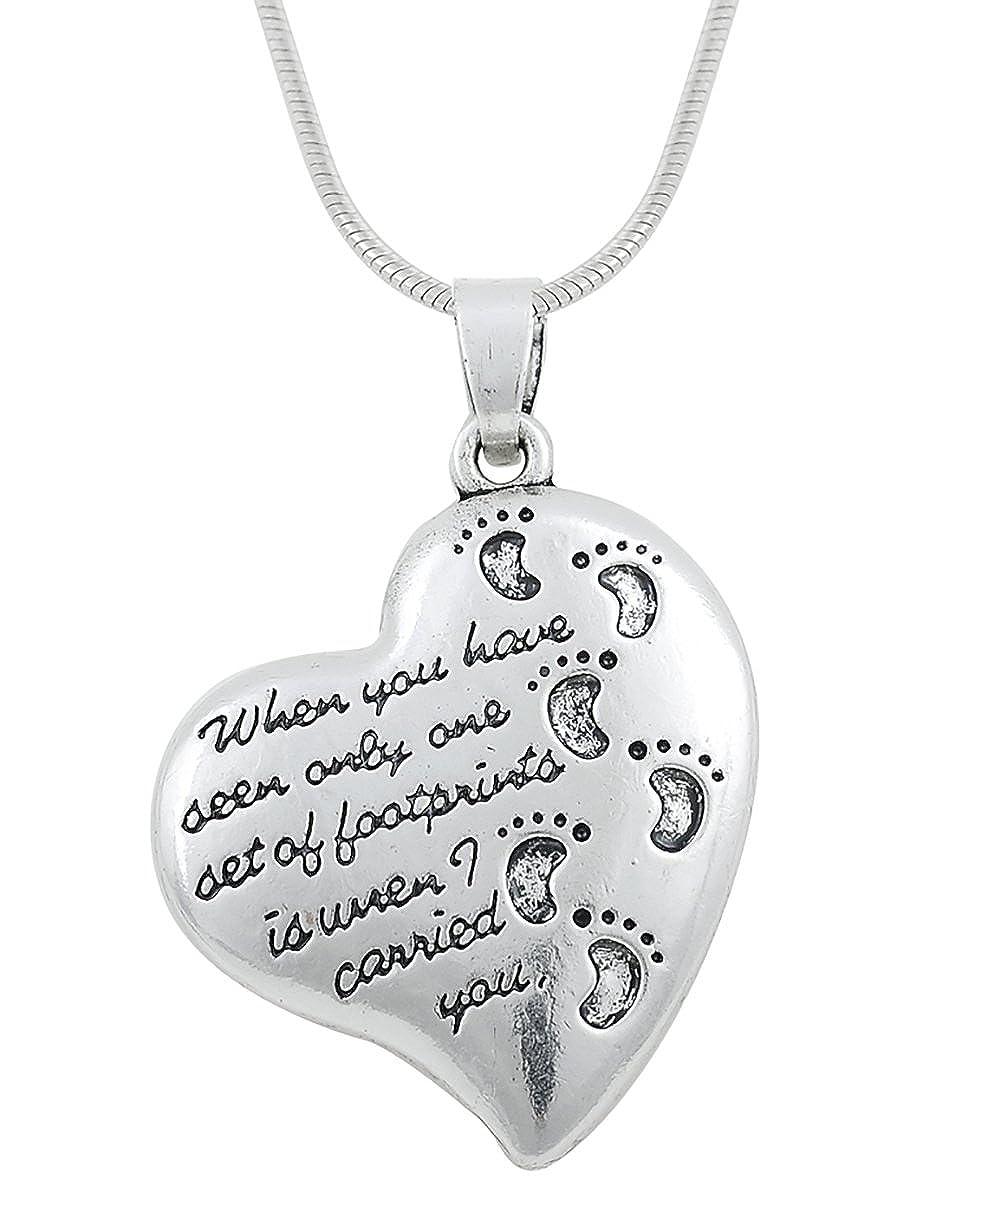 LemAmazon Halskette mit Fußabdrücken im Sand, schöne Gedichte, herzförmige Halskette, Geschenk für Männer und Frauen schöne Gedichte herzförmige Halskette BiChuang B07C9SPHL5_US